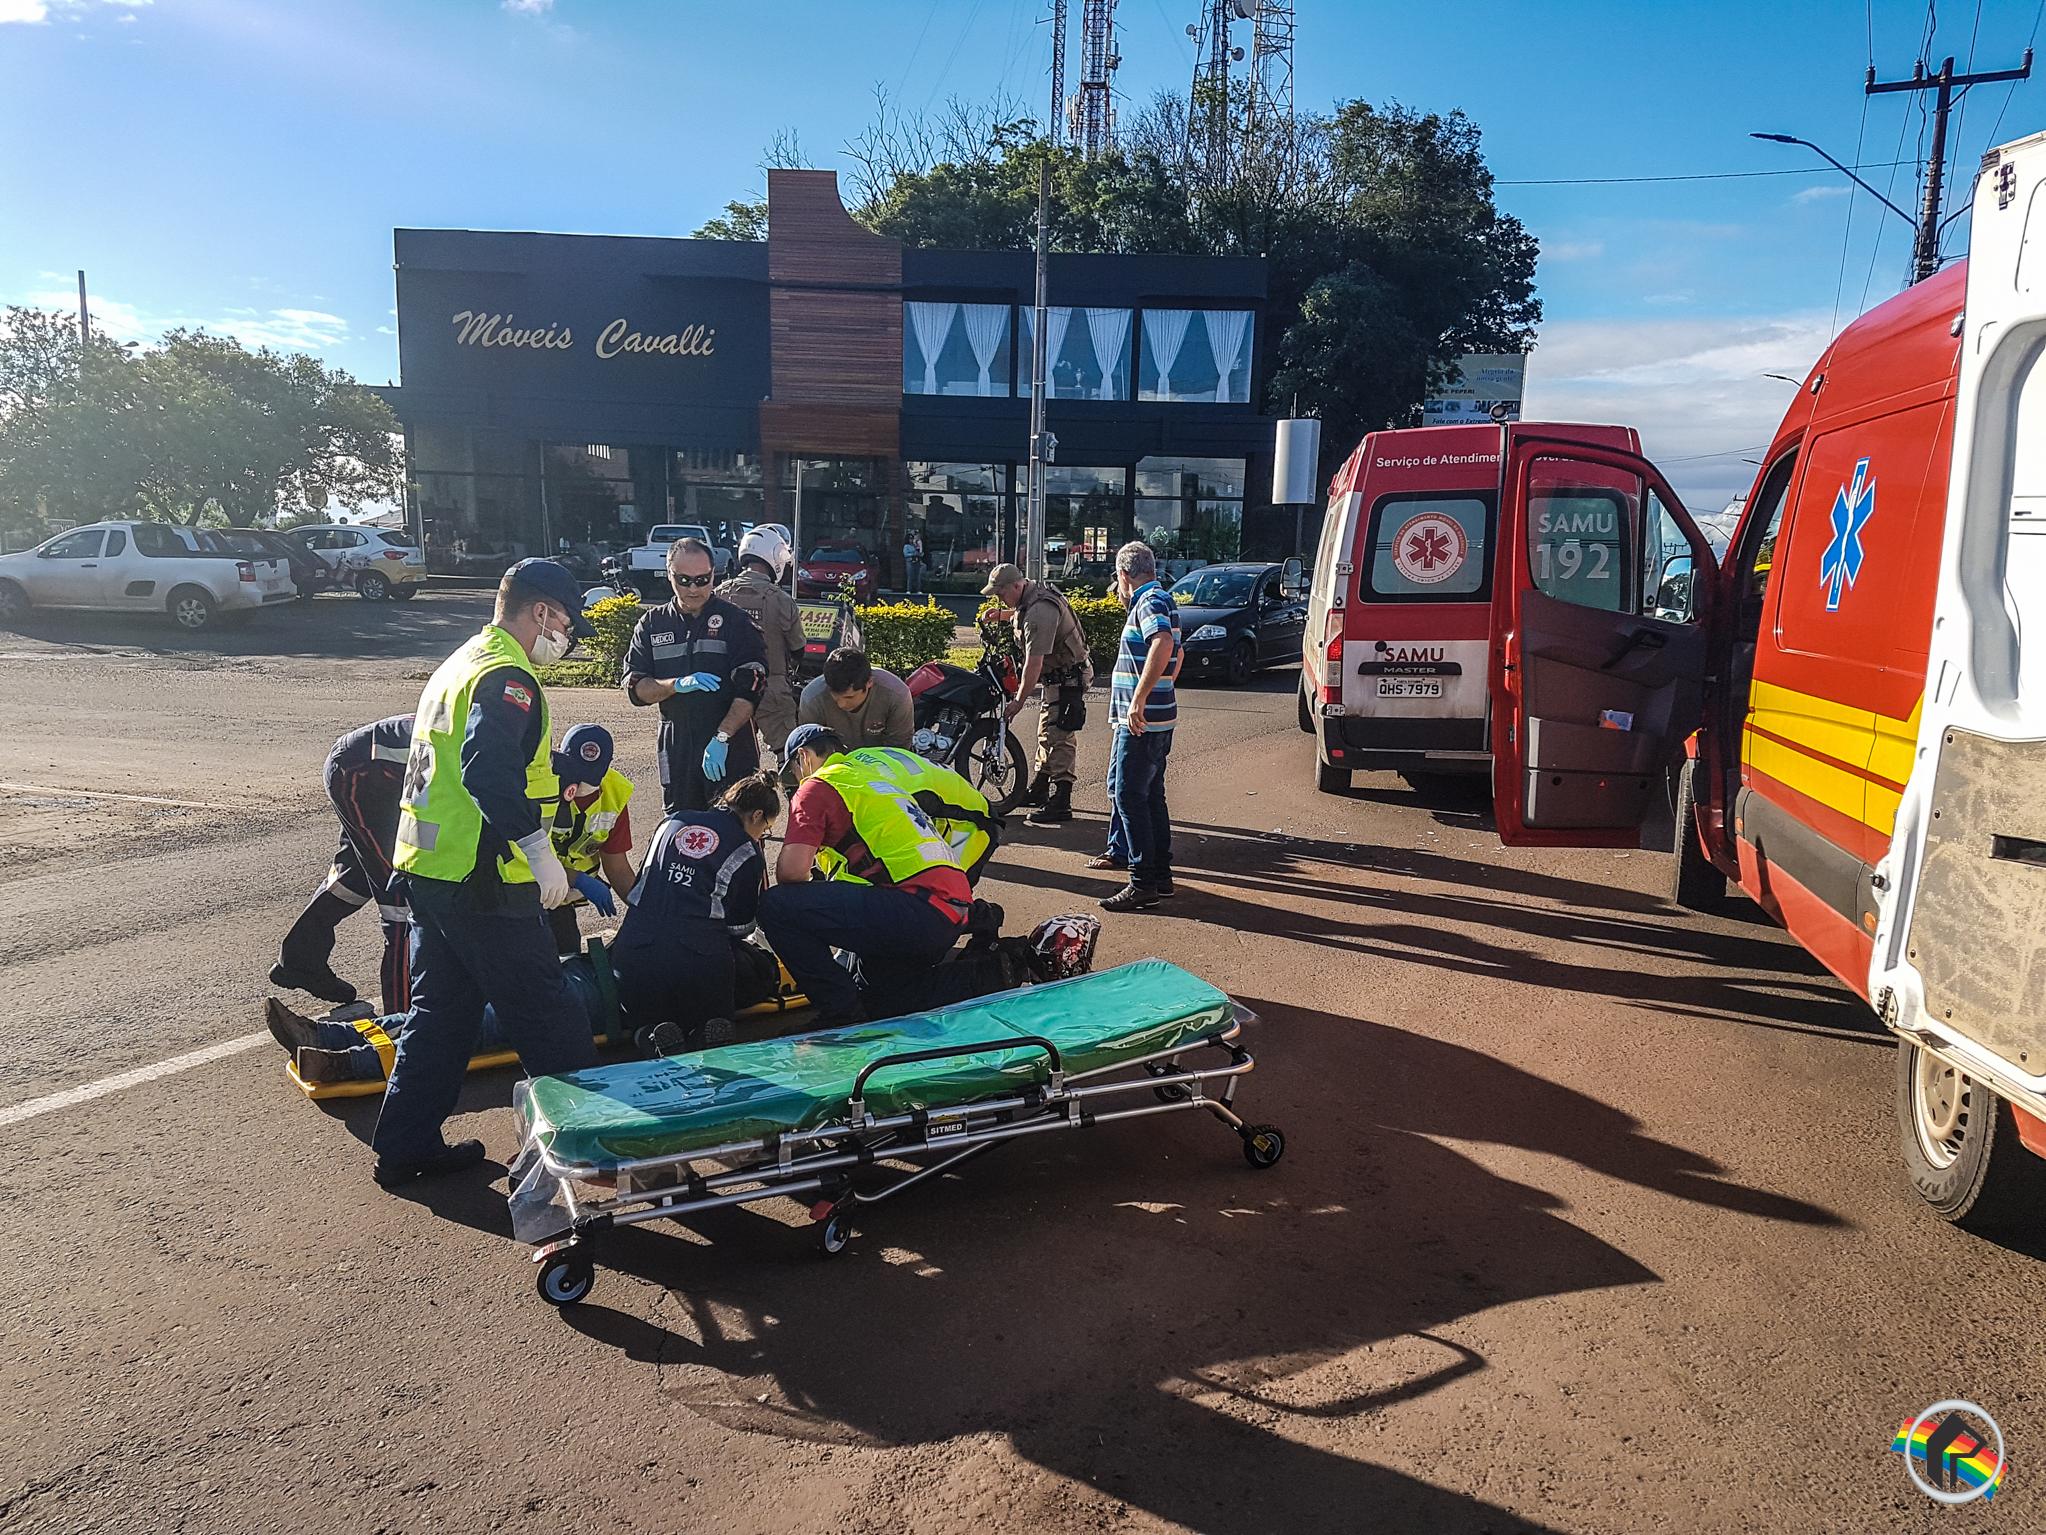 VÍDEO: Motociclista fica ferido em colisão lateral na Willy Barth